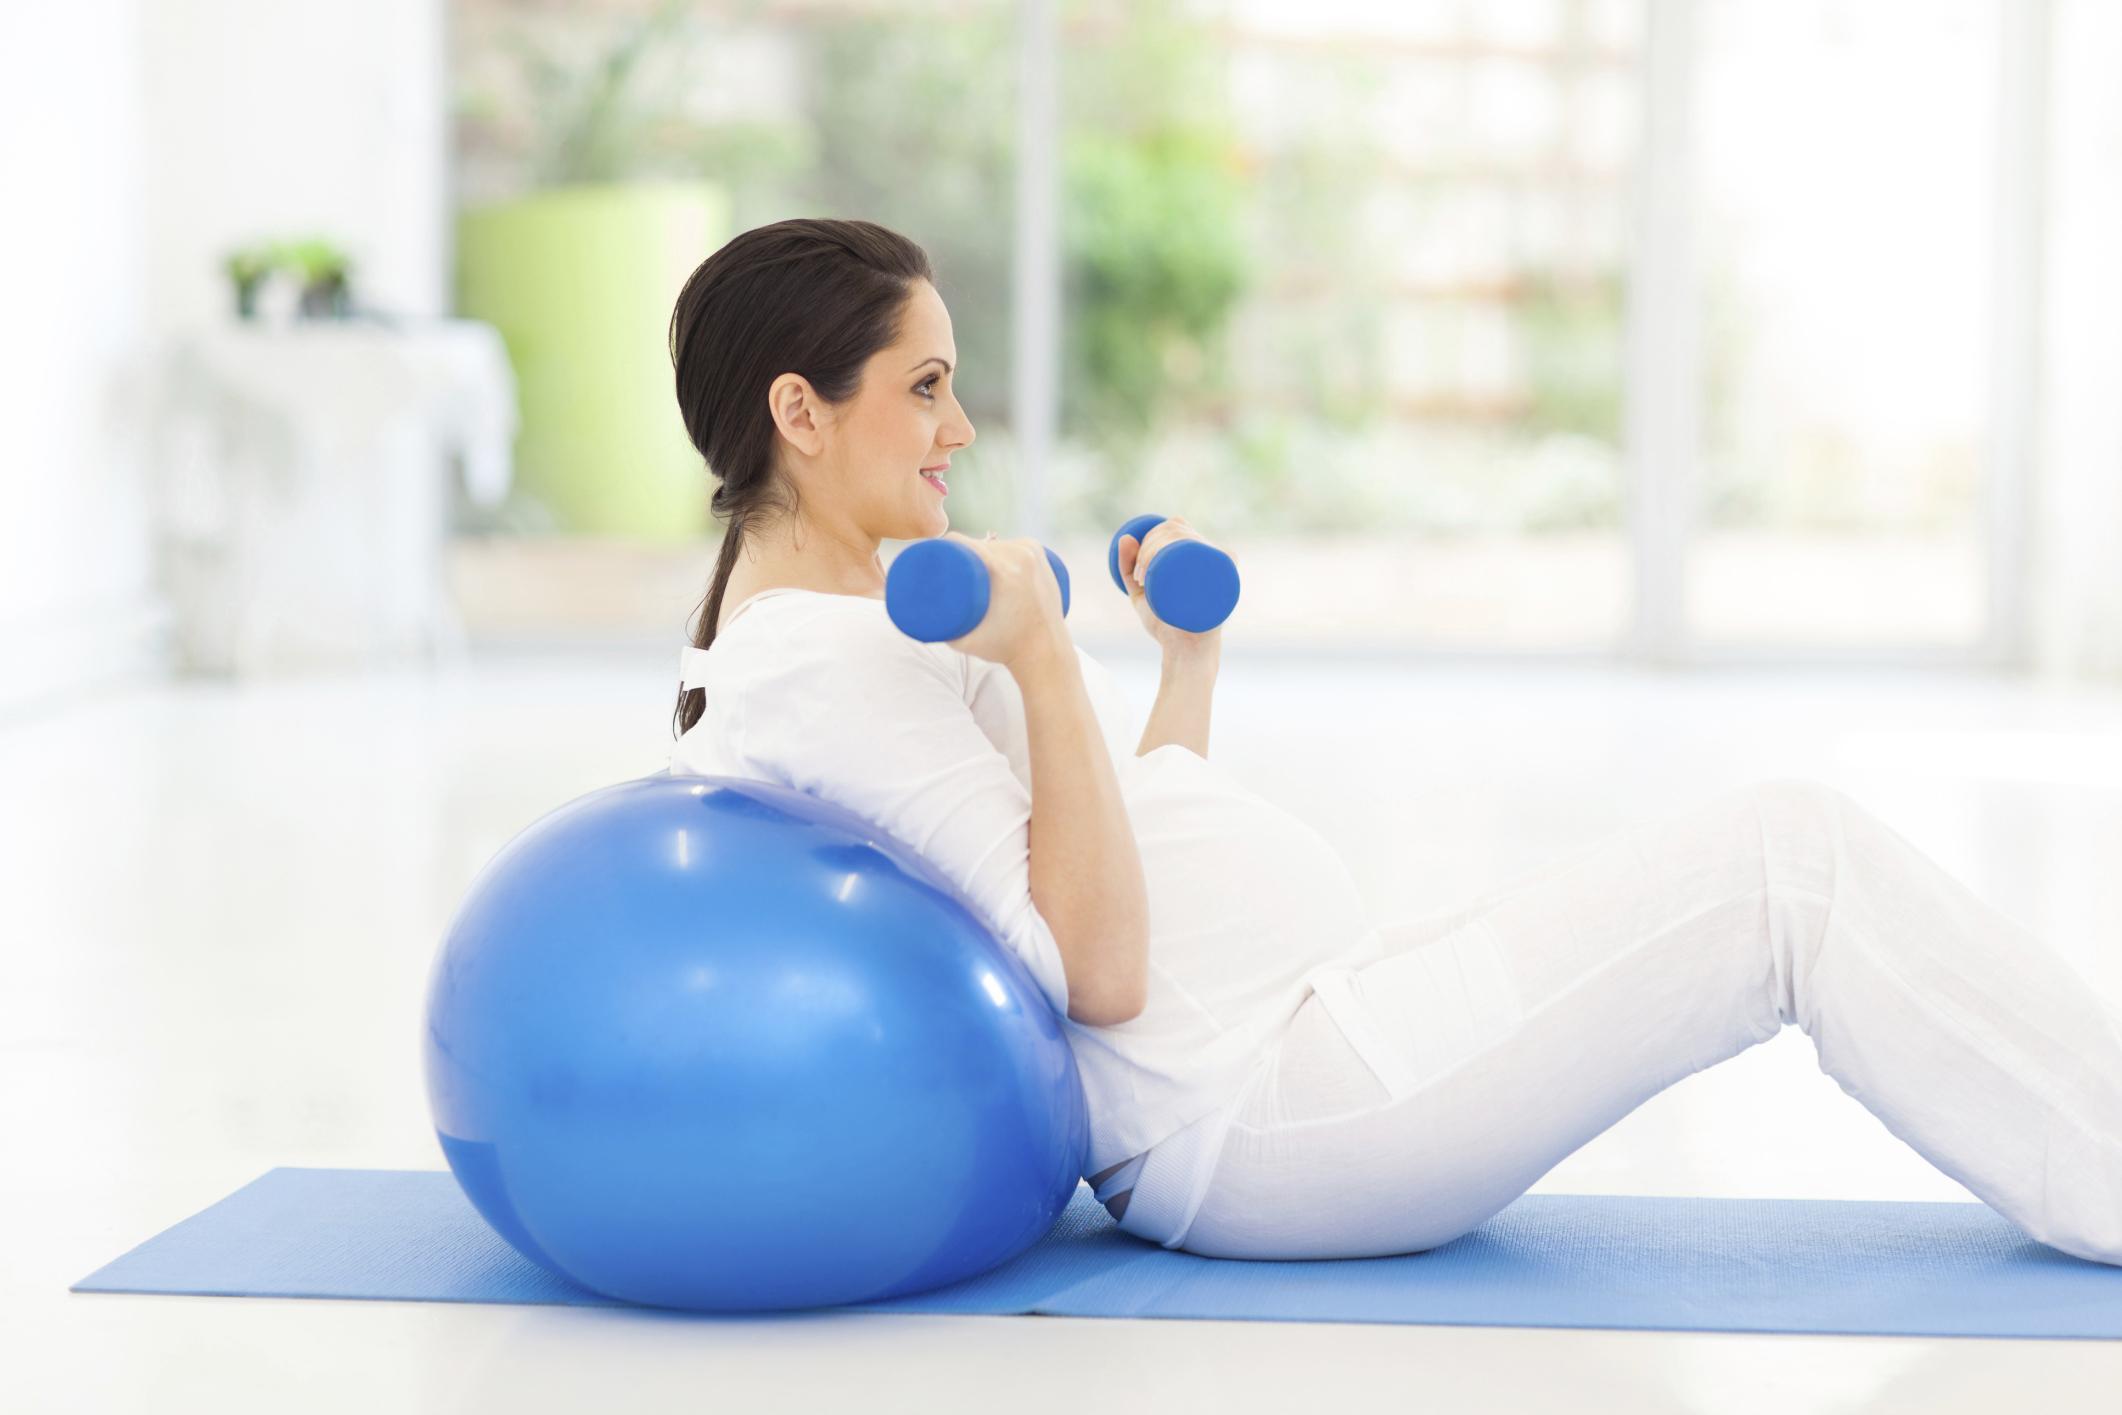 Os 7 Melhores Exercícios Durante a Gravidez